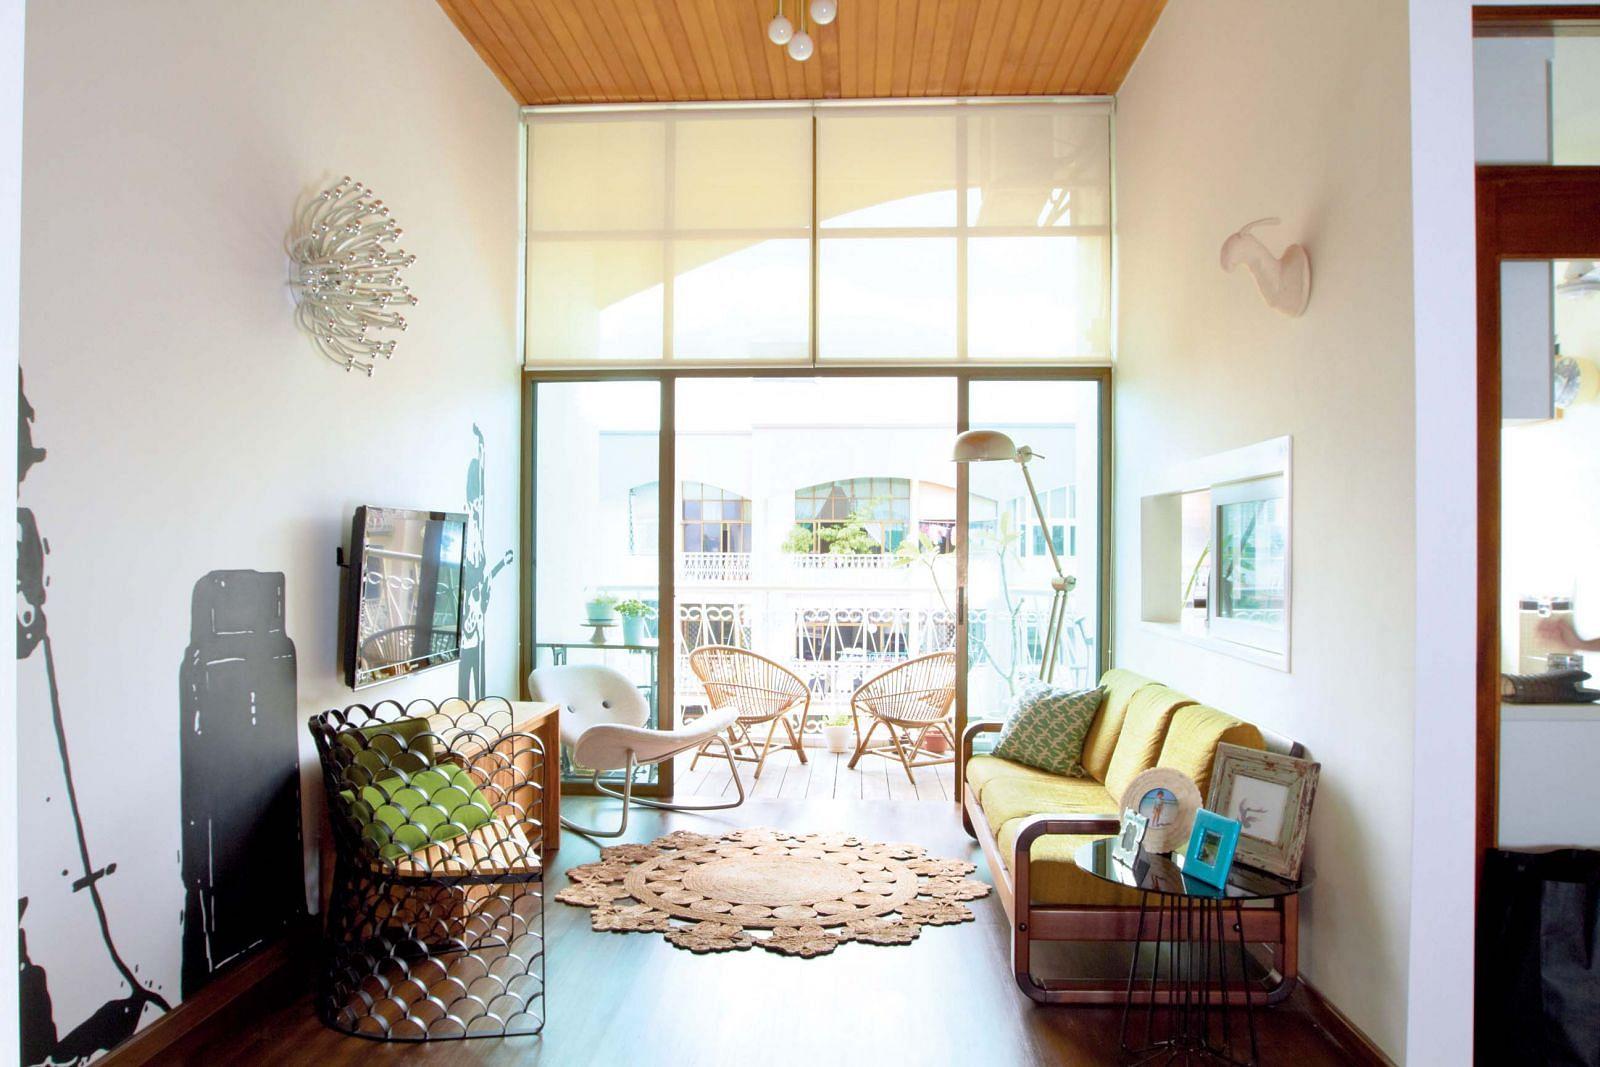 100 Modern Vintage Home Decor Fascinating 25